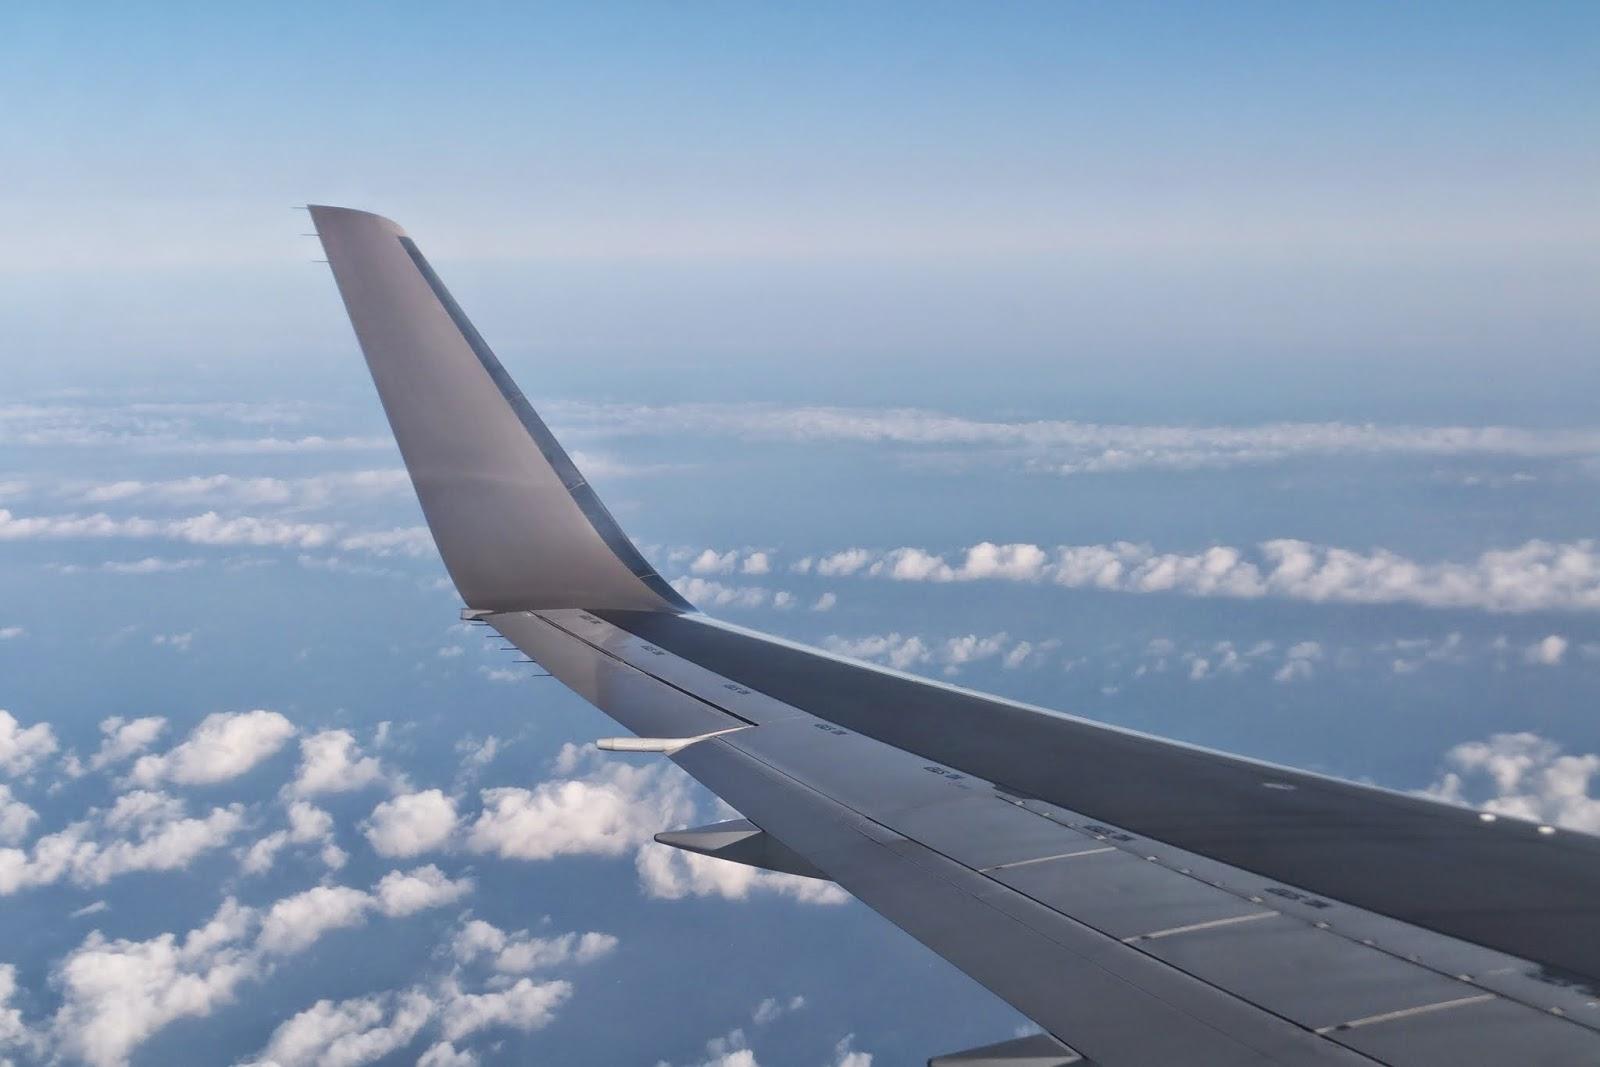 winglet-767-300ER-jal